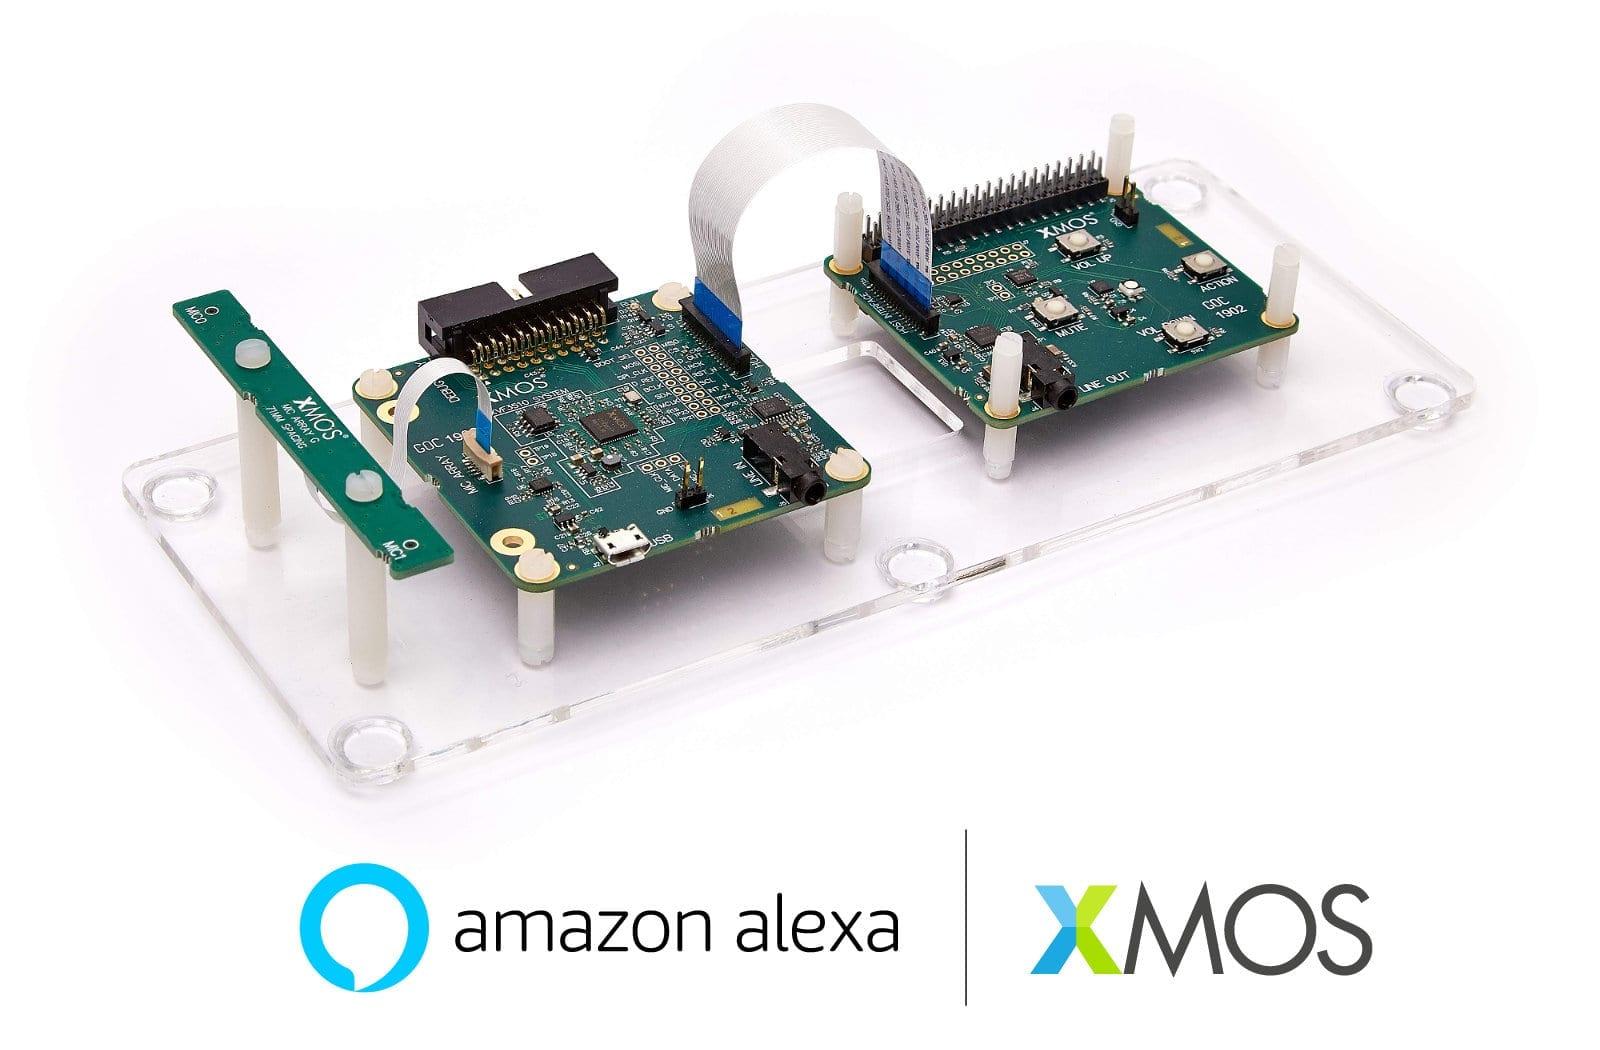 Development kits for Amazon Alexa Voice Service | XMOS